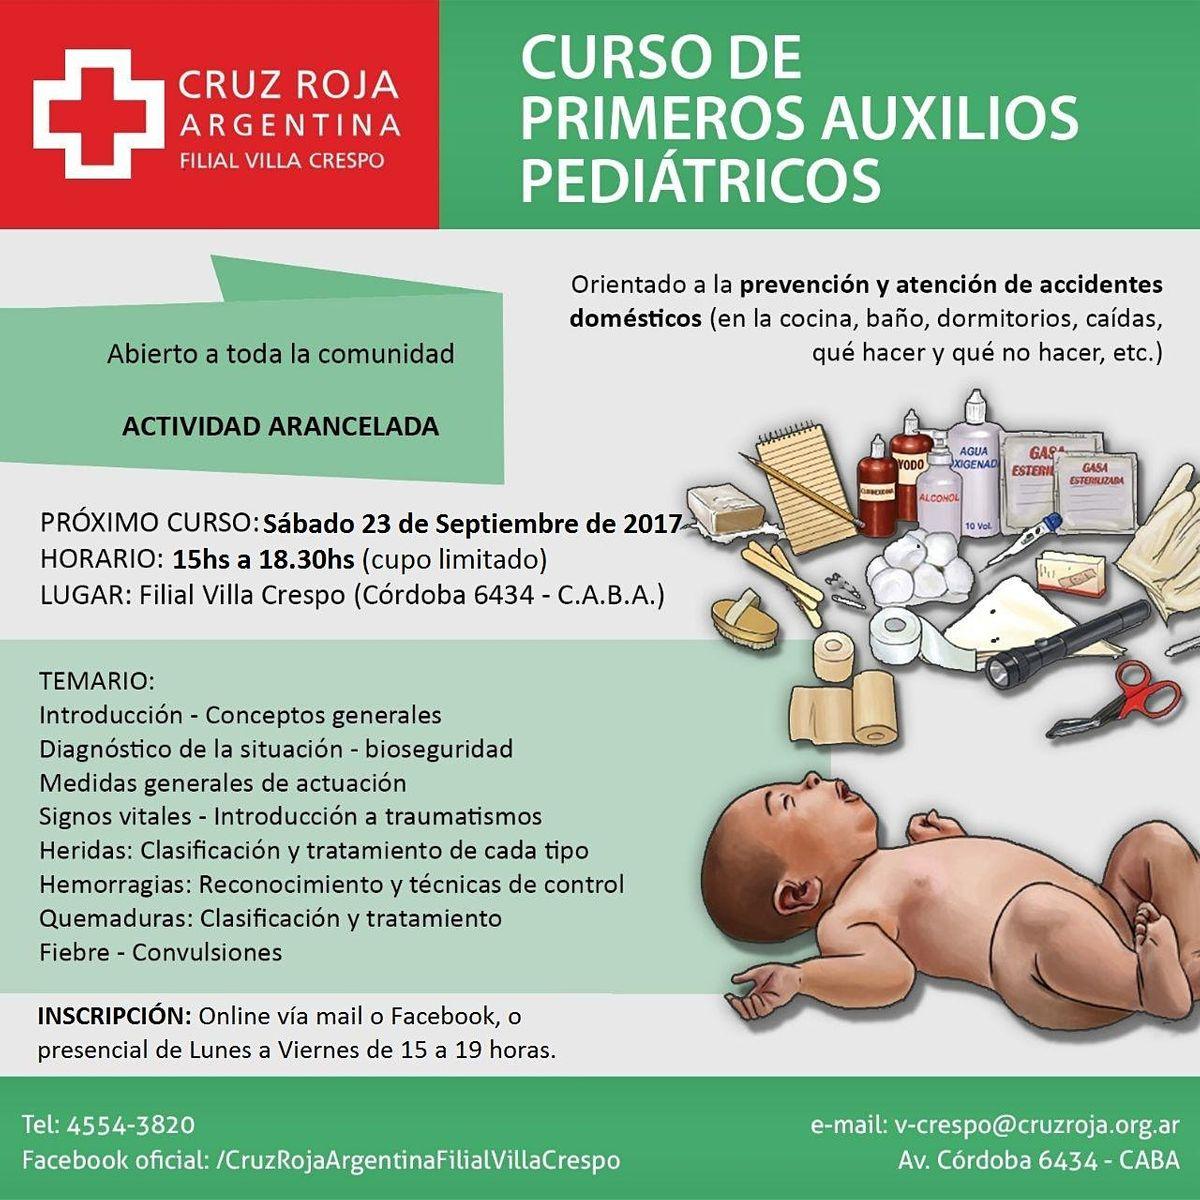 Curso de RCP en Cruz Roja (martes 01-12-20) - Duración 4 hs., 1 December | Event in Ciudad Autónoma de Buenos Aires